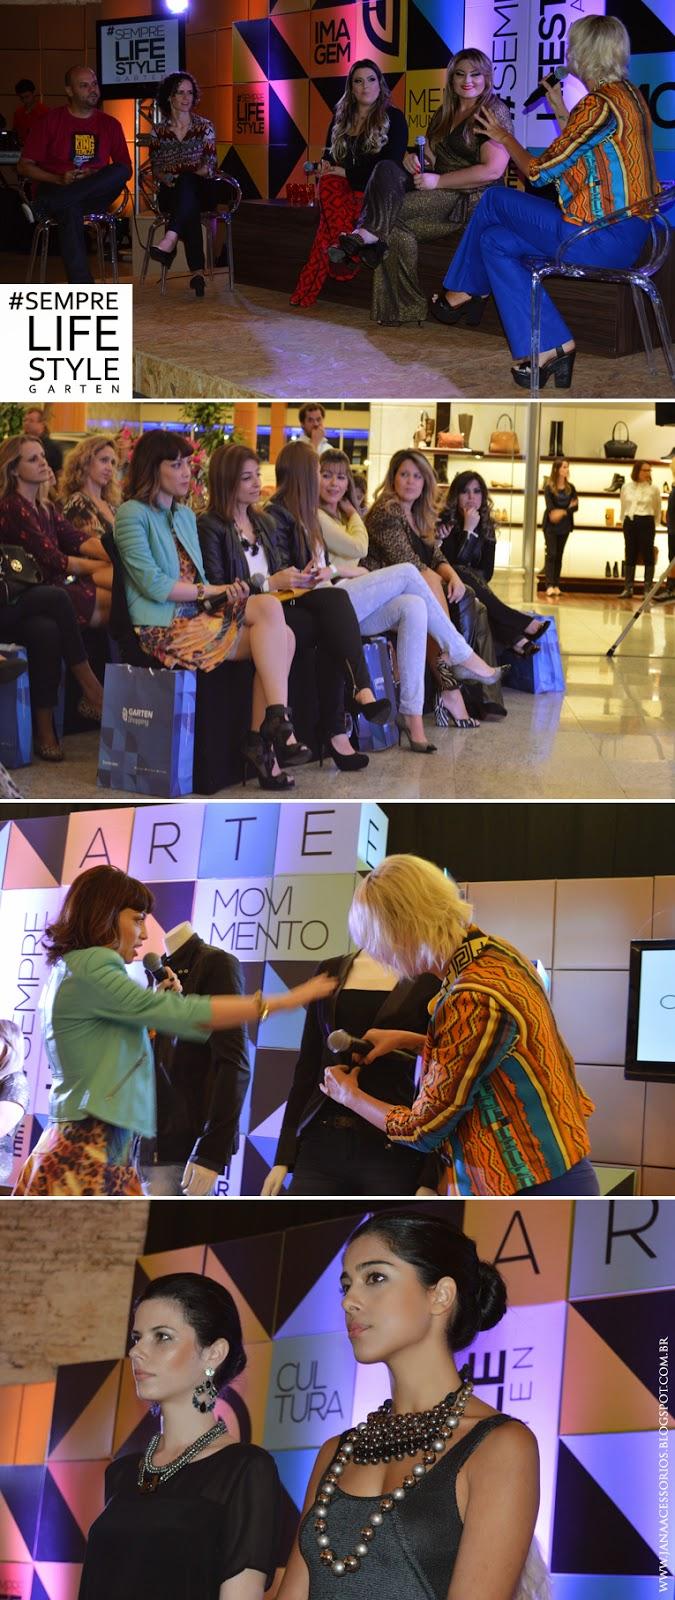 garten shopping, moda, estilo, blogueira, joinville, blogger